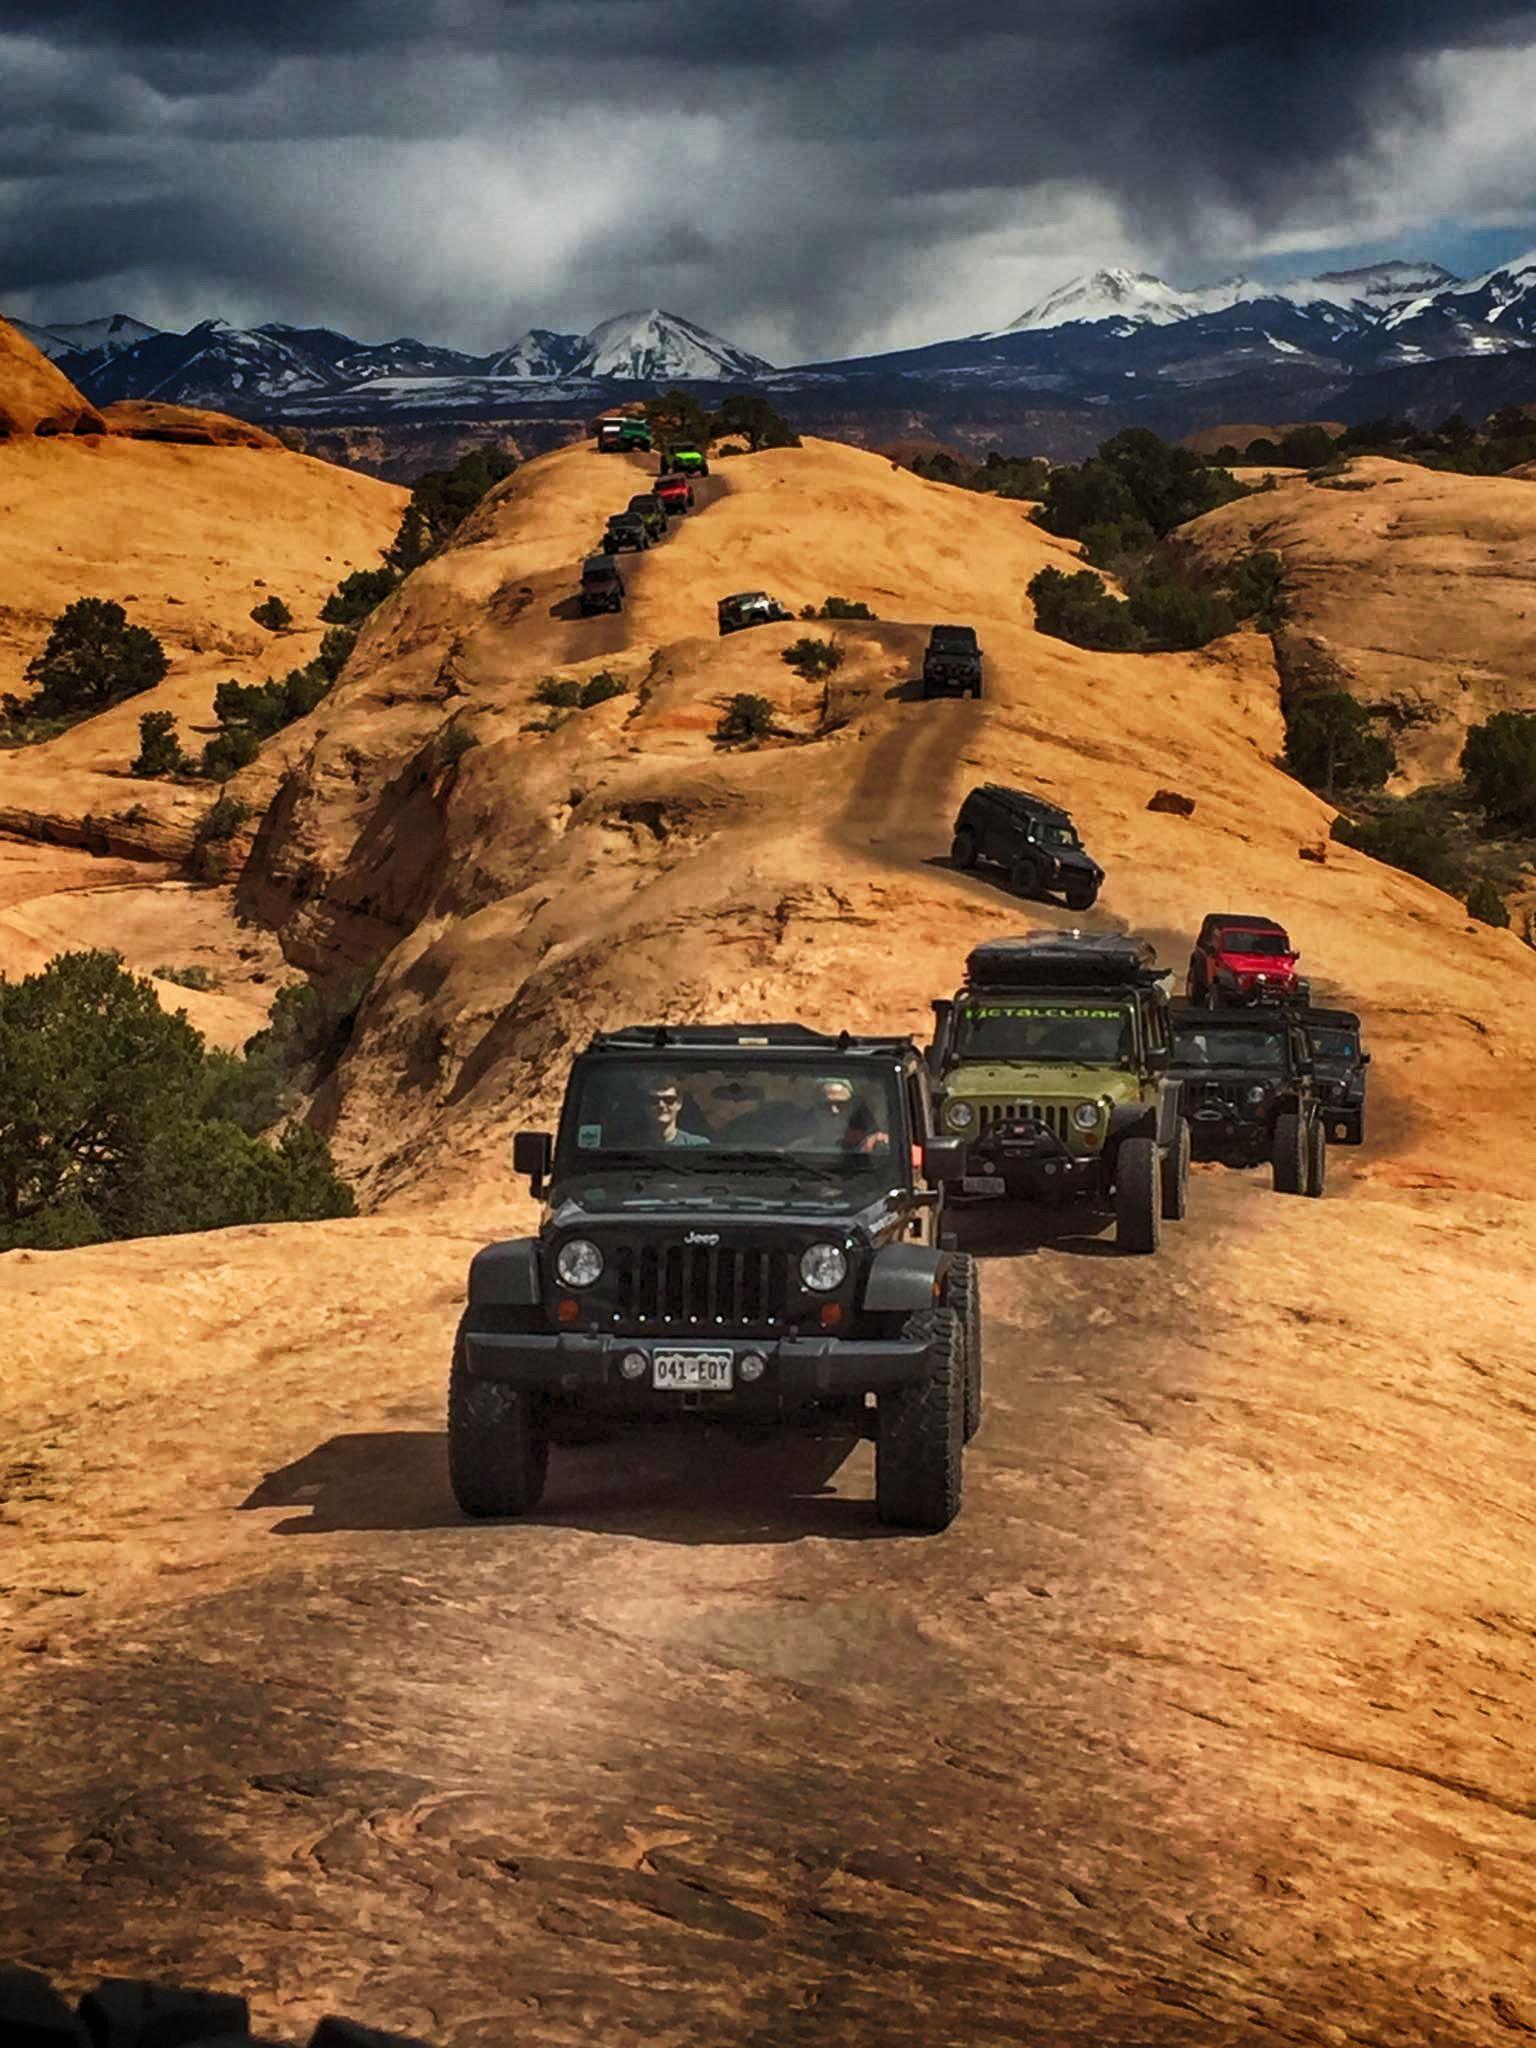 O O Jeep Moab Jeep Trails Moab Jeep Offroad Jeep